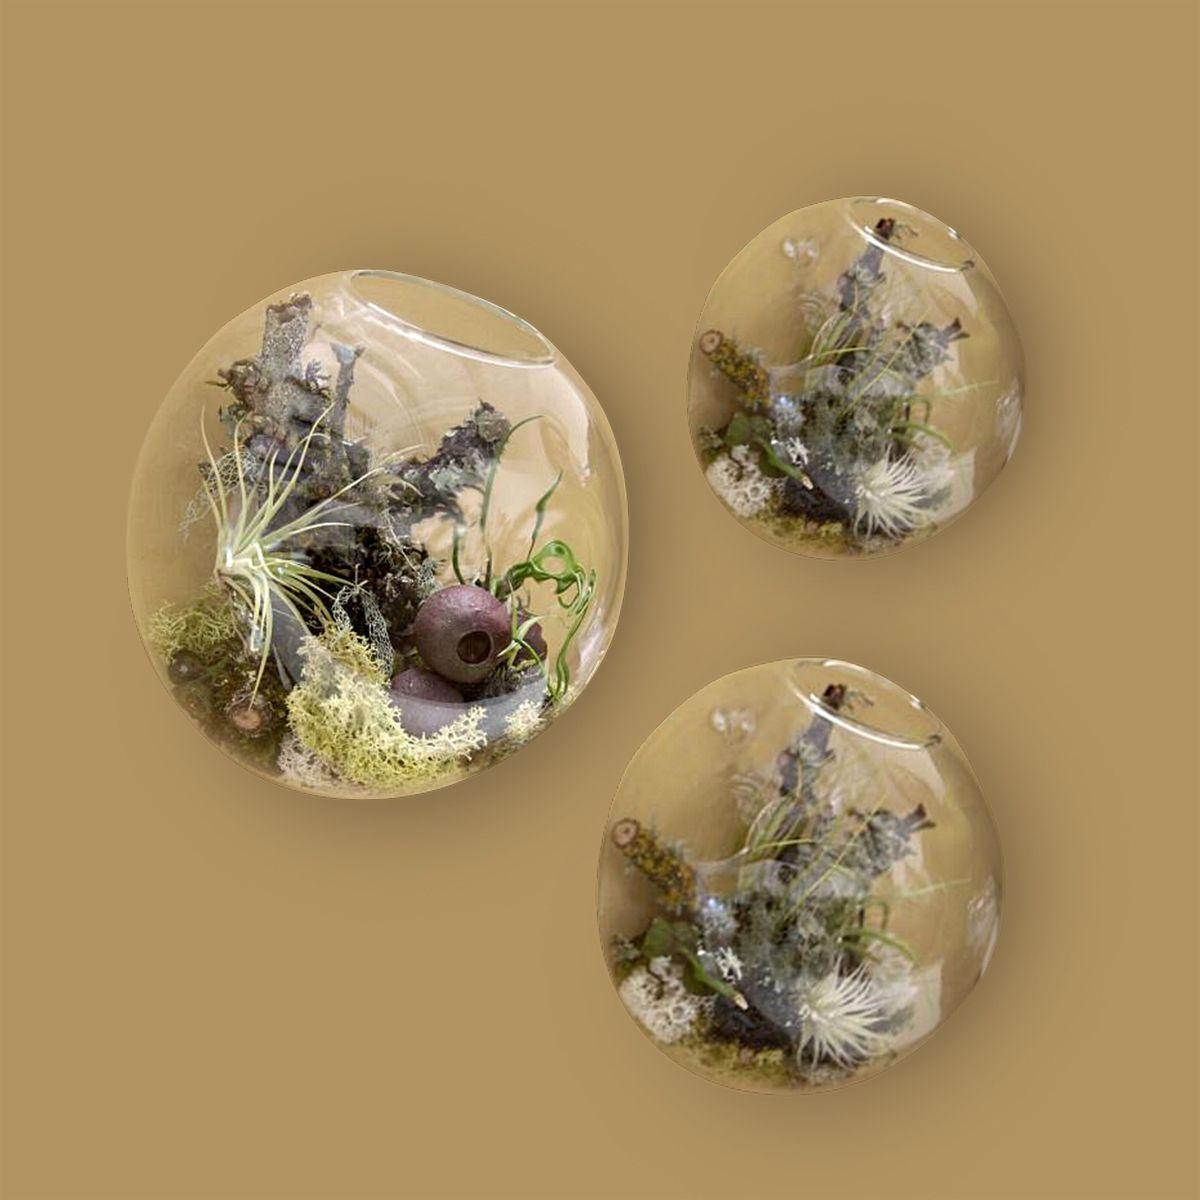 Terrario Per Piante Grasse acquista 3 pz / set bolla terrari parete interna vaso di vetro montaggio a  parete fioriere piante grasse succursali titolari decorazione della parete